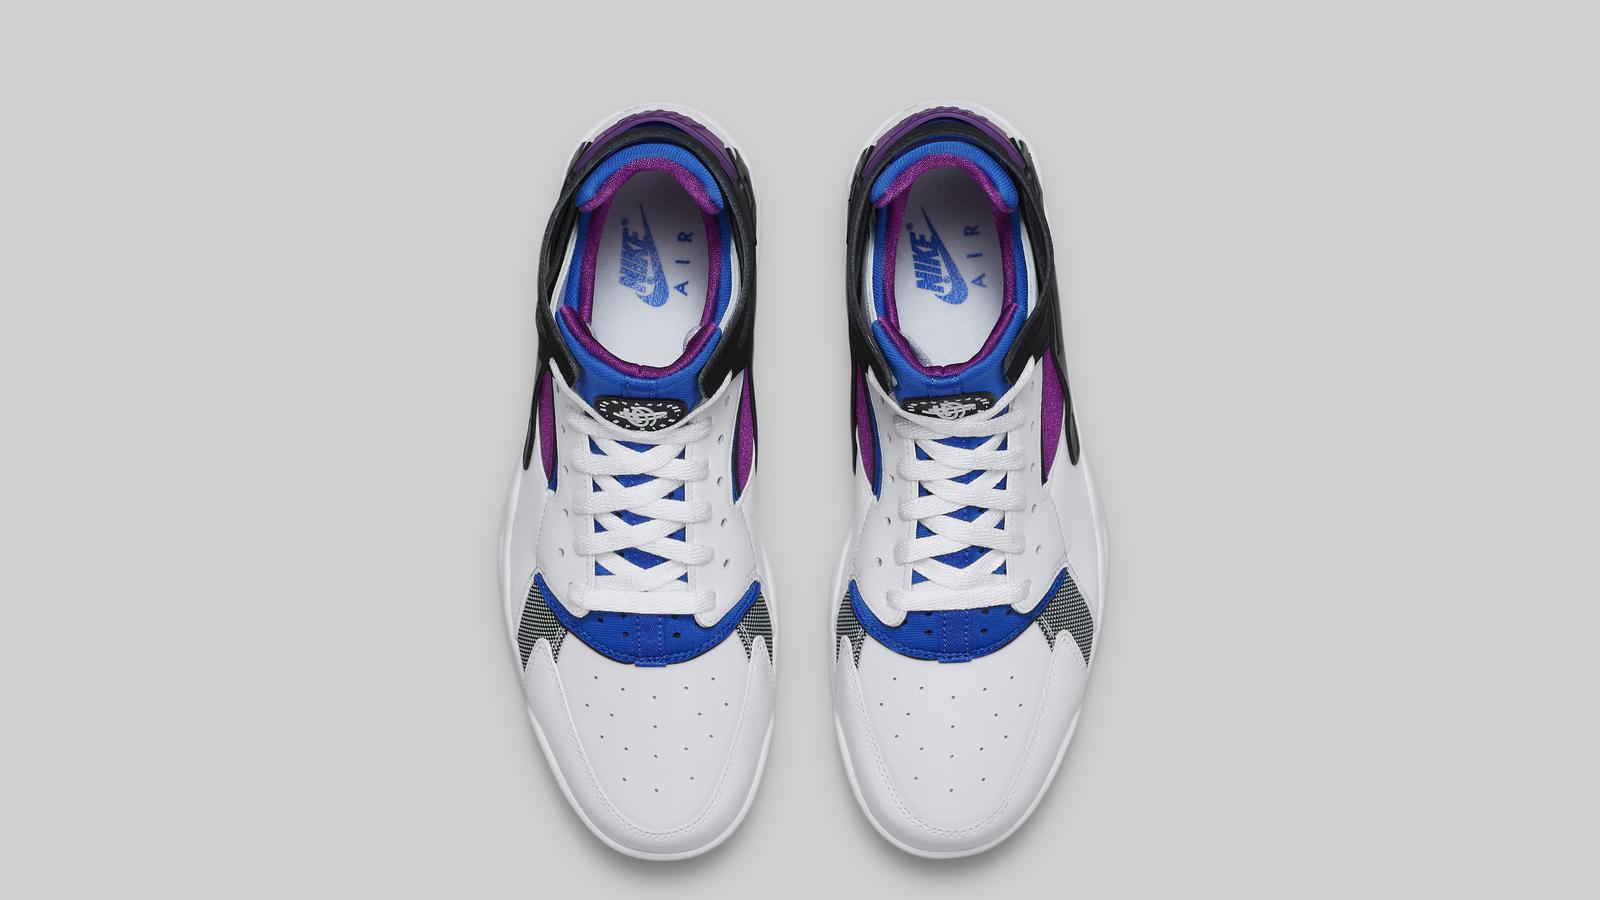 fa14_qs-air_flight_hurache_purple-top_down_hero